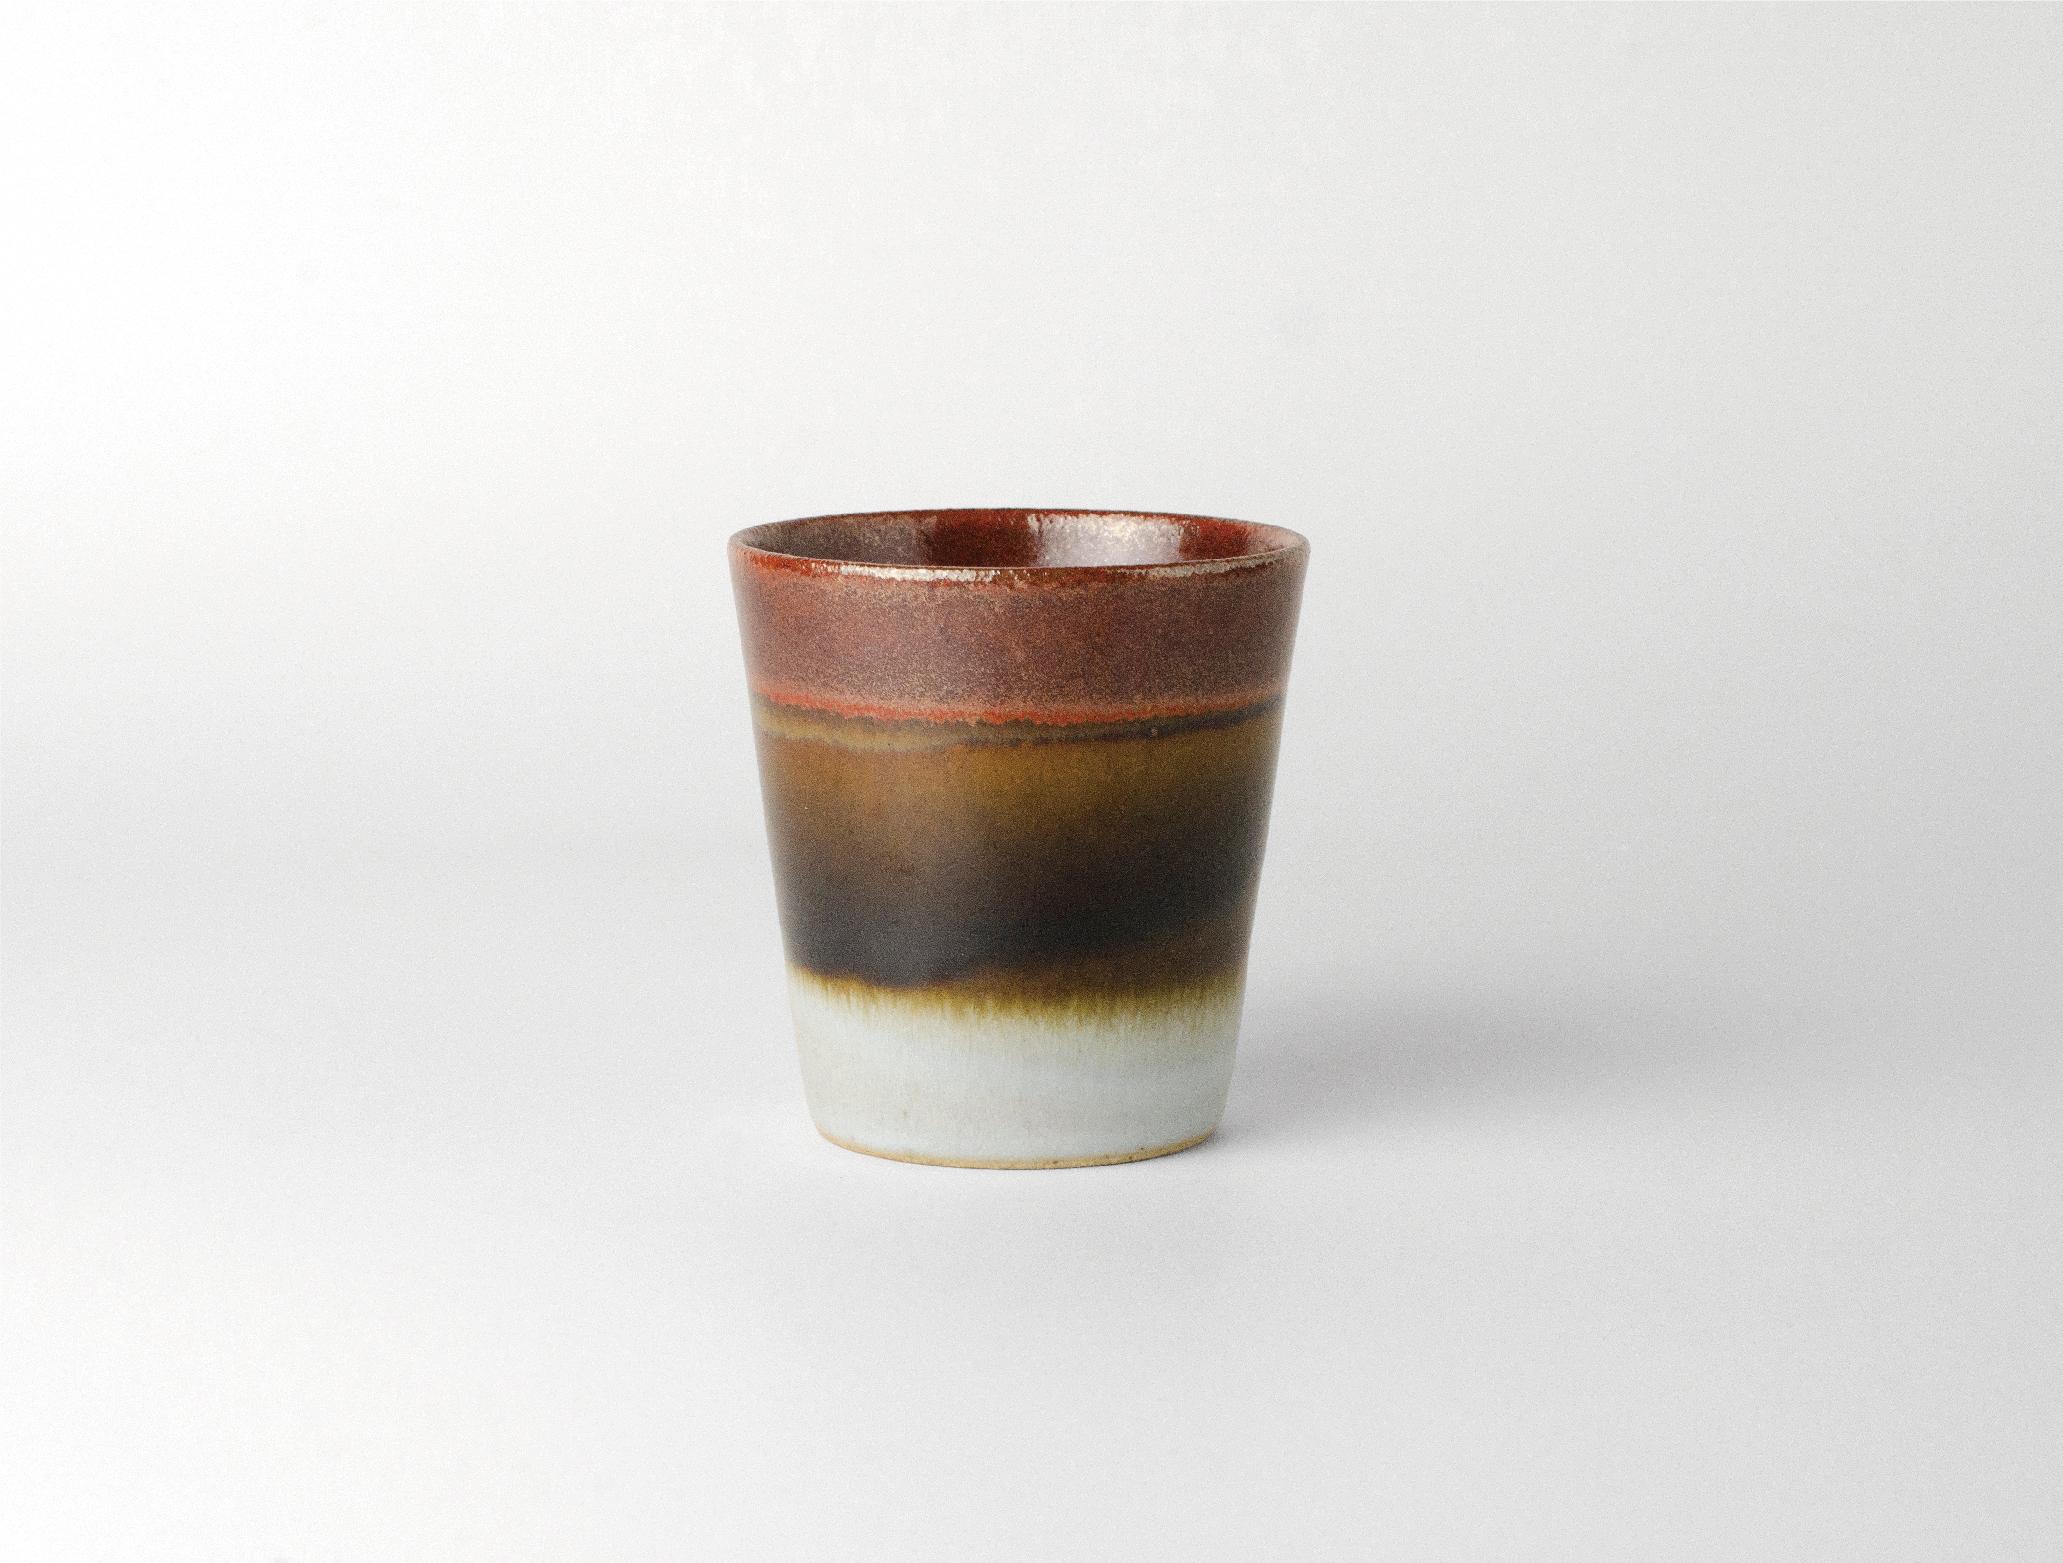 Fujisan_aki 120mlカップ イメージ